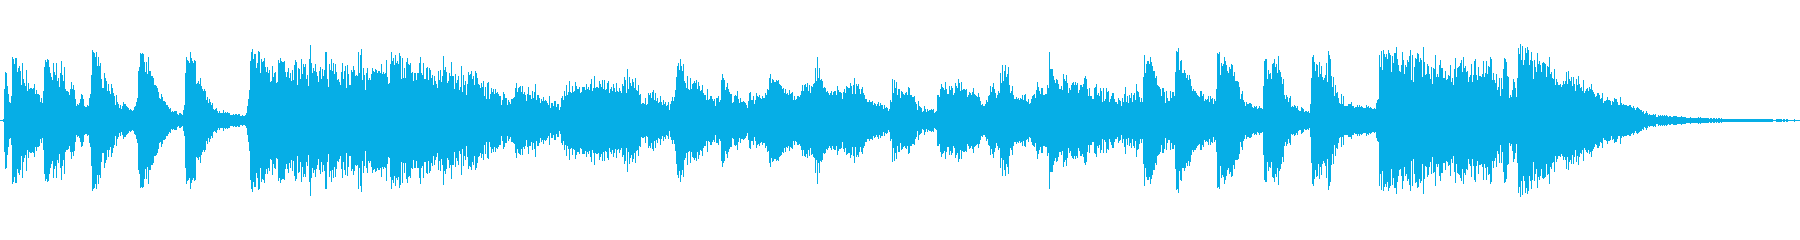 ビッグバンドジャズ風のジングルの再生済みの波形